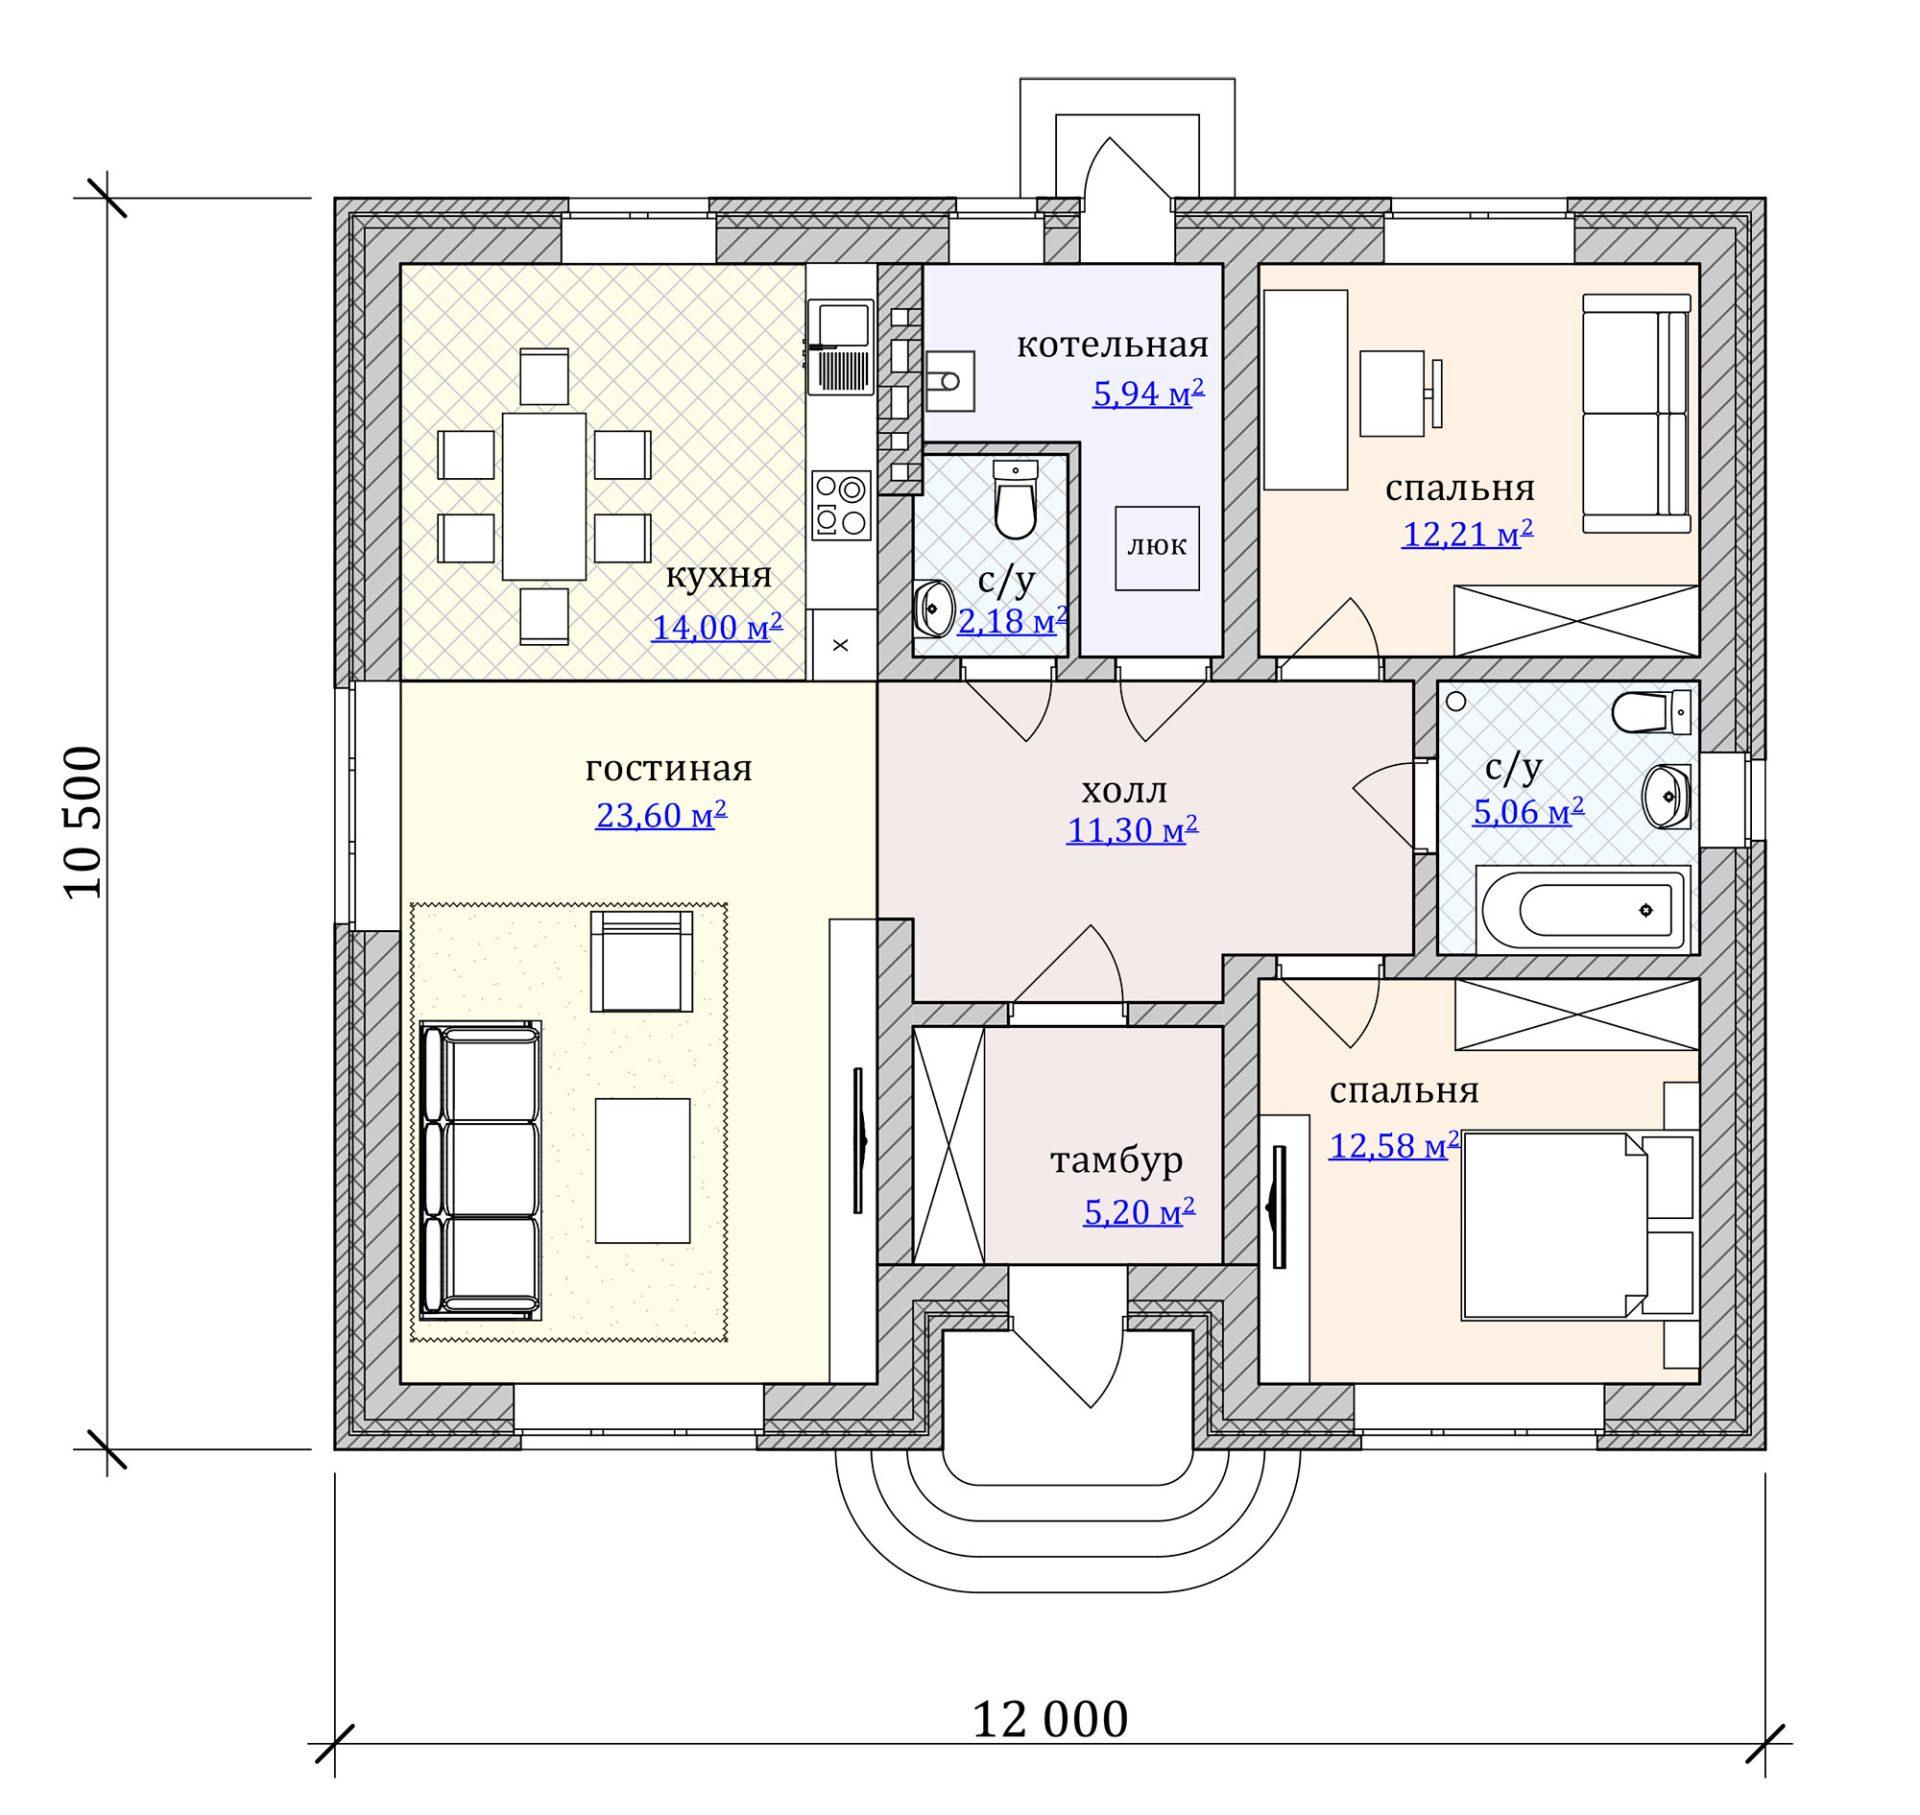 План дома 90 кв.м.